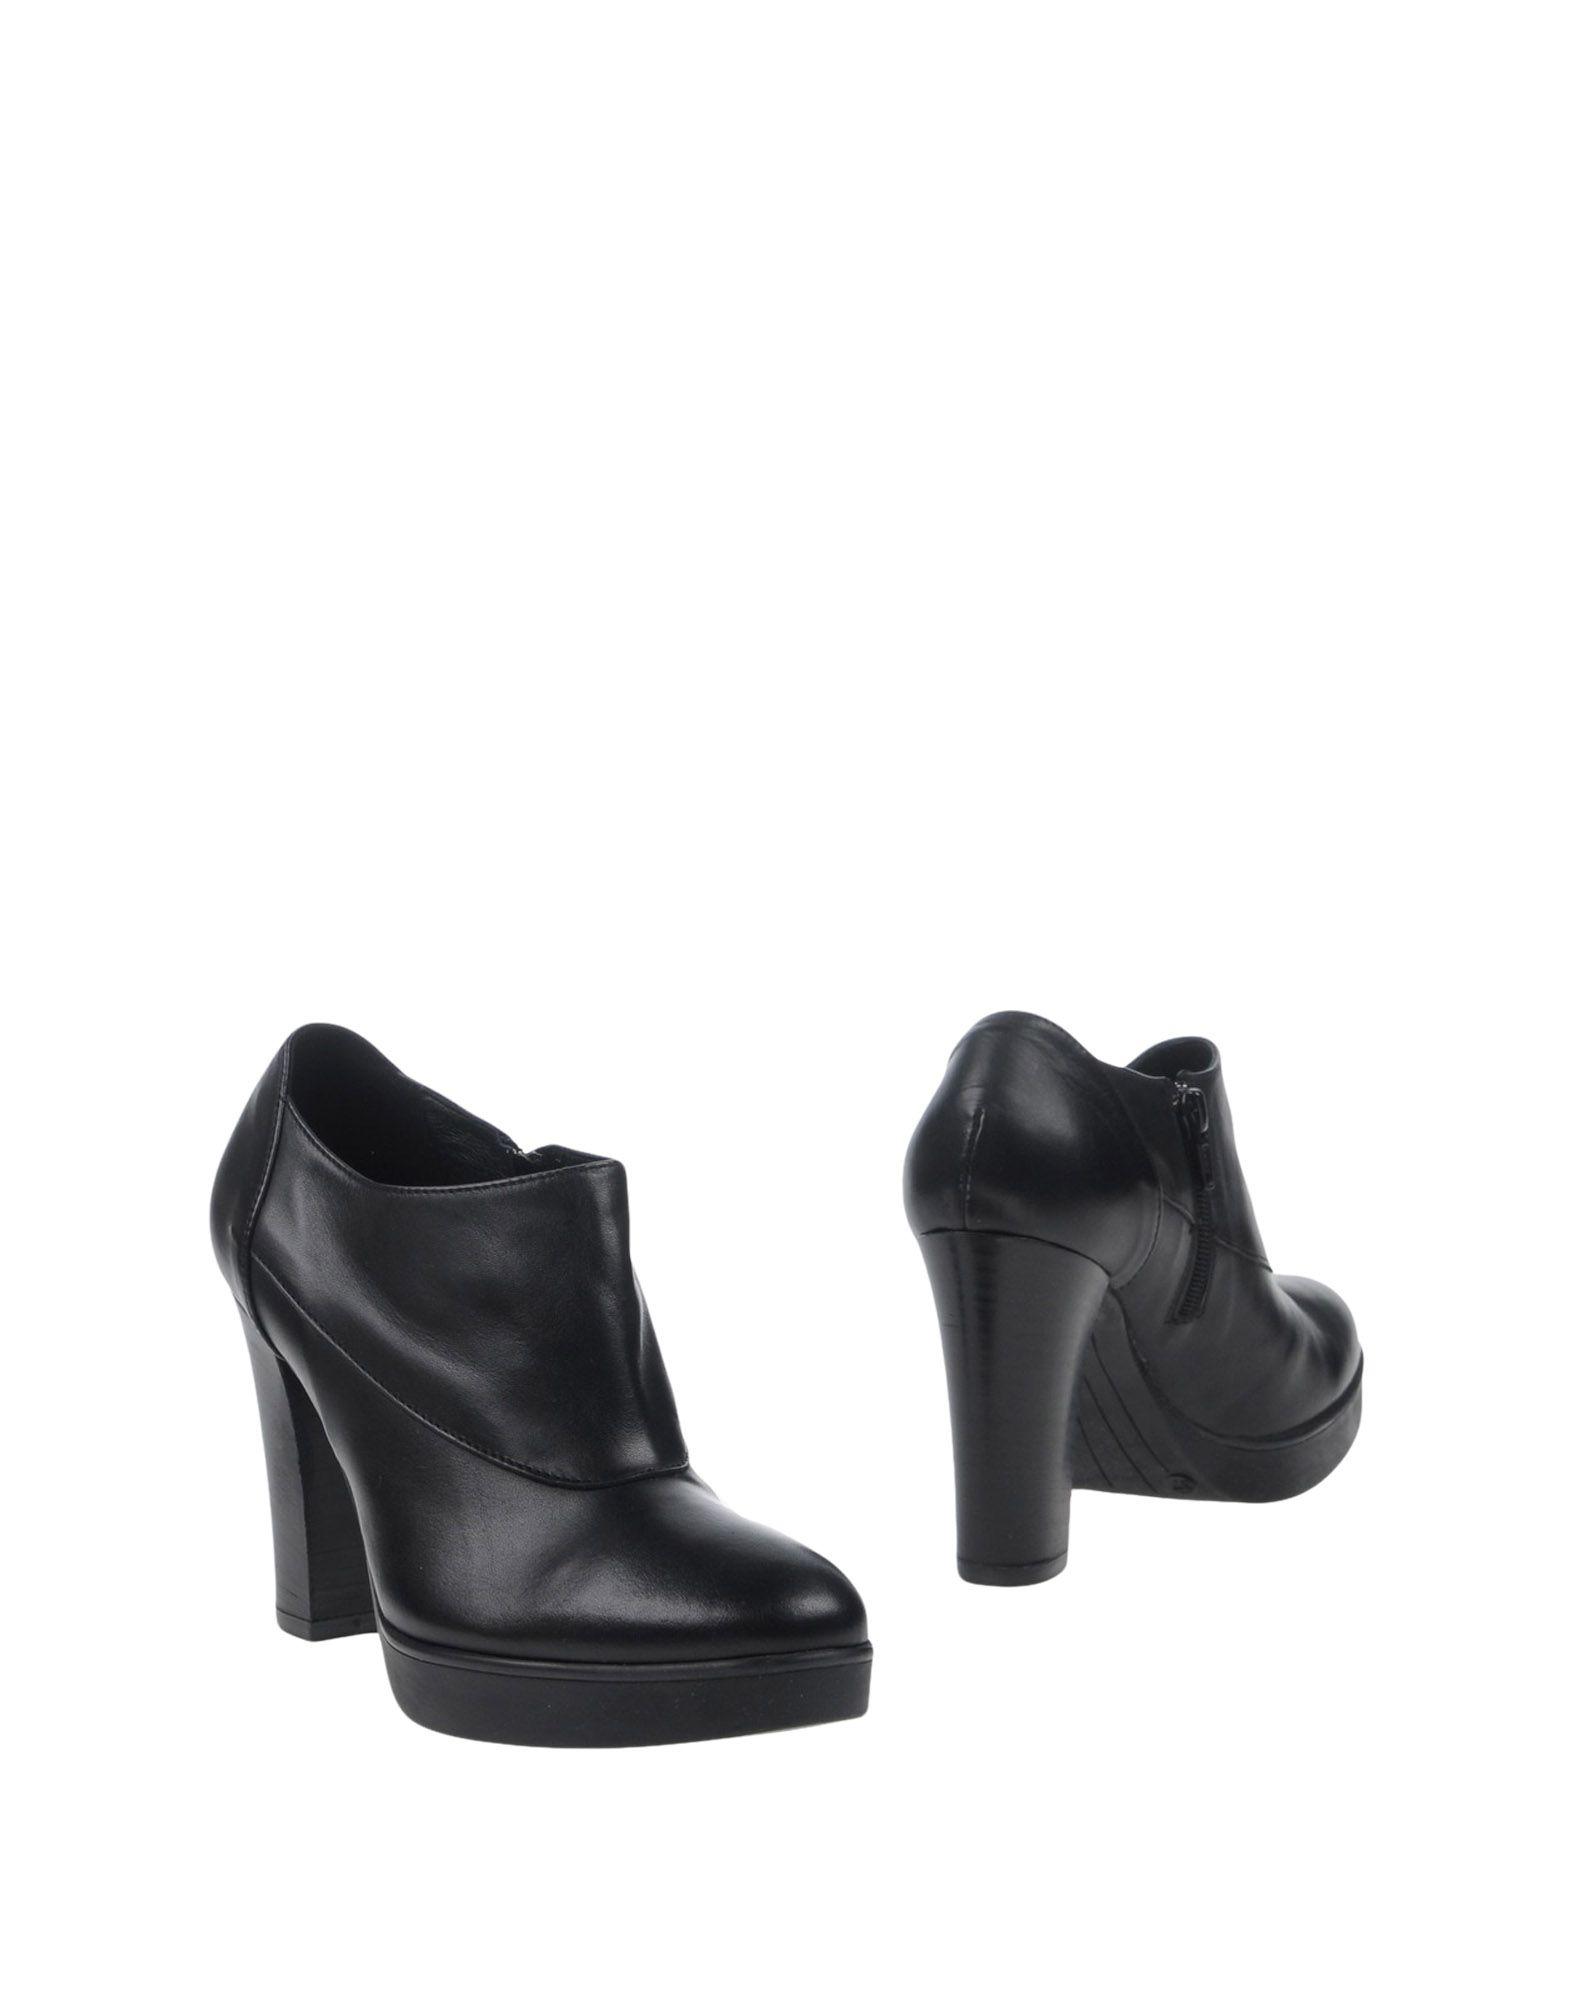 Donna Più Stiefelette Damen  11253287HI Gute Qualität beliebte beliebte beliebte Schuhe b33ae1